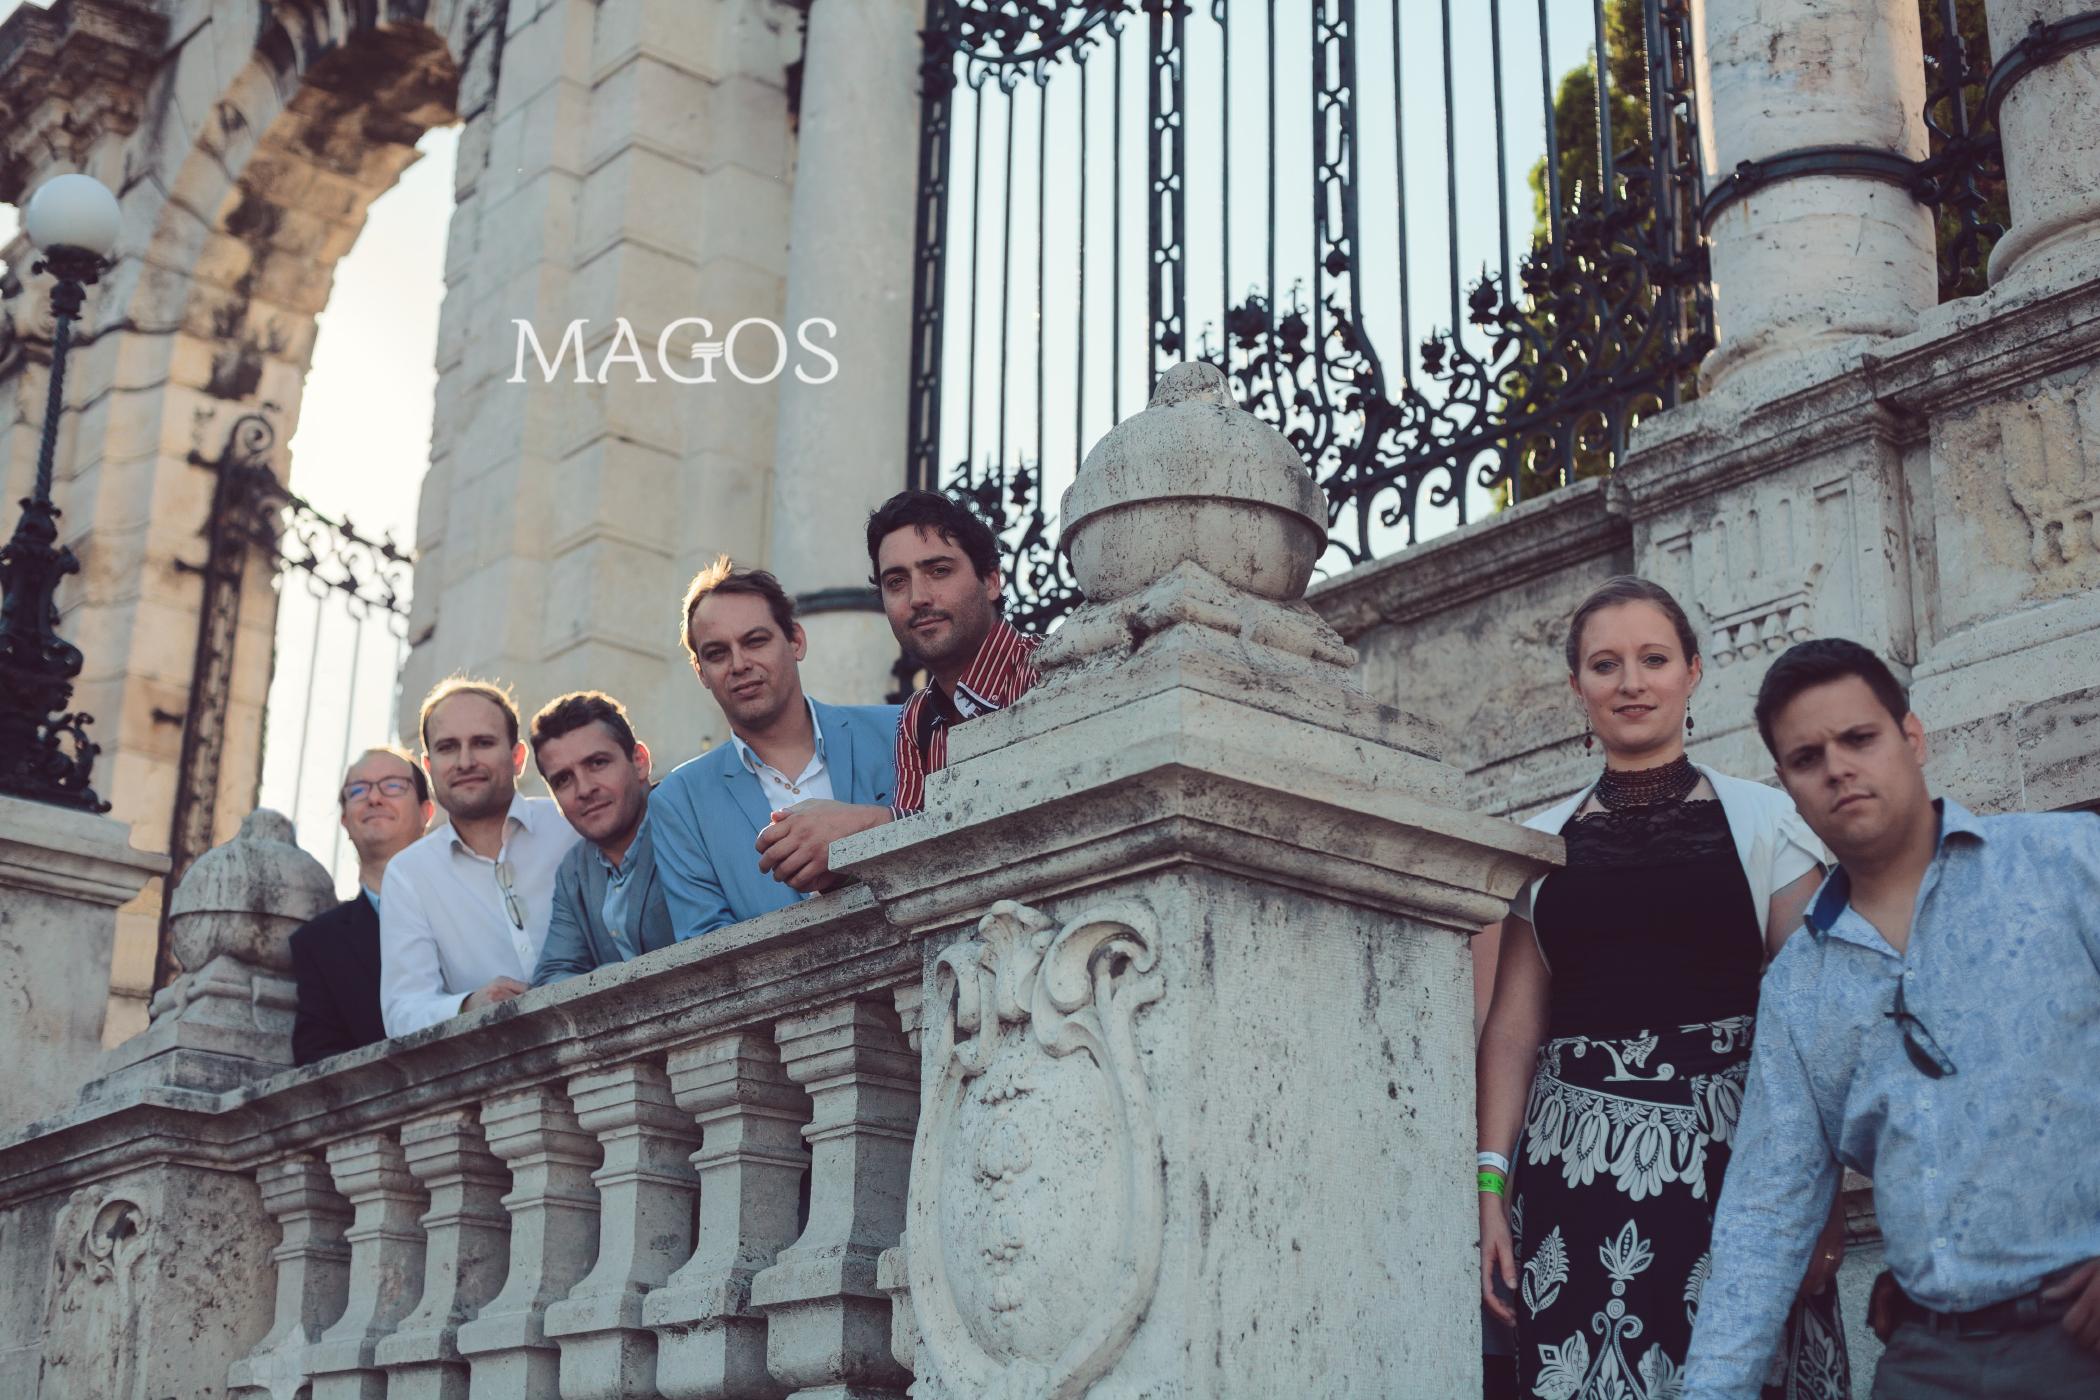 MAGOS - Budai Vár